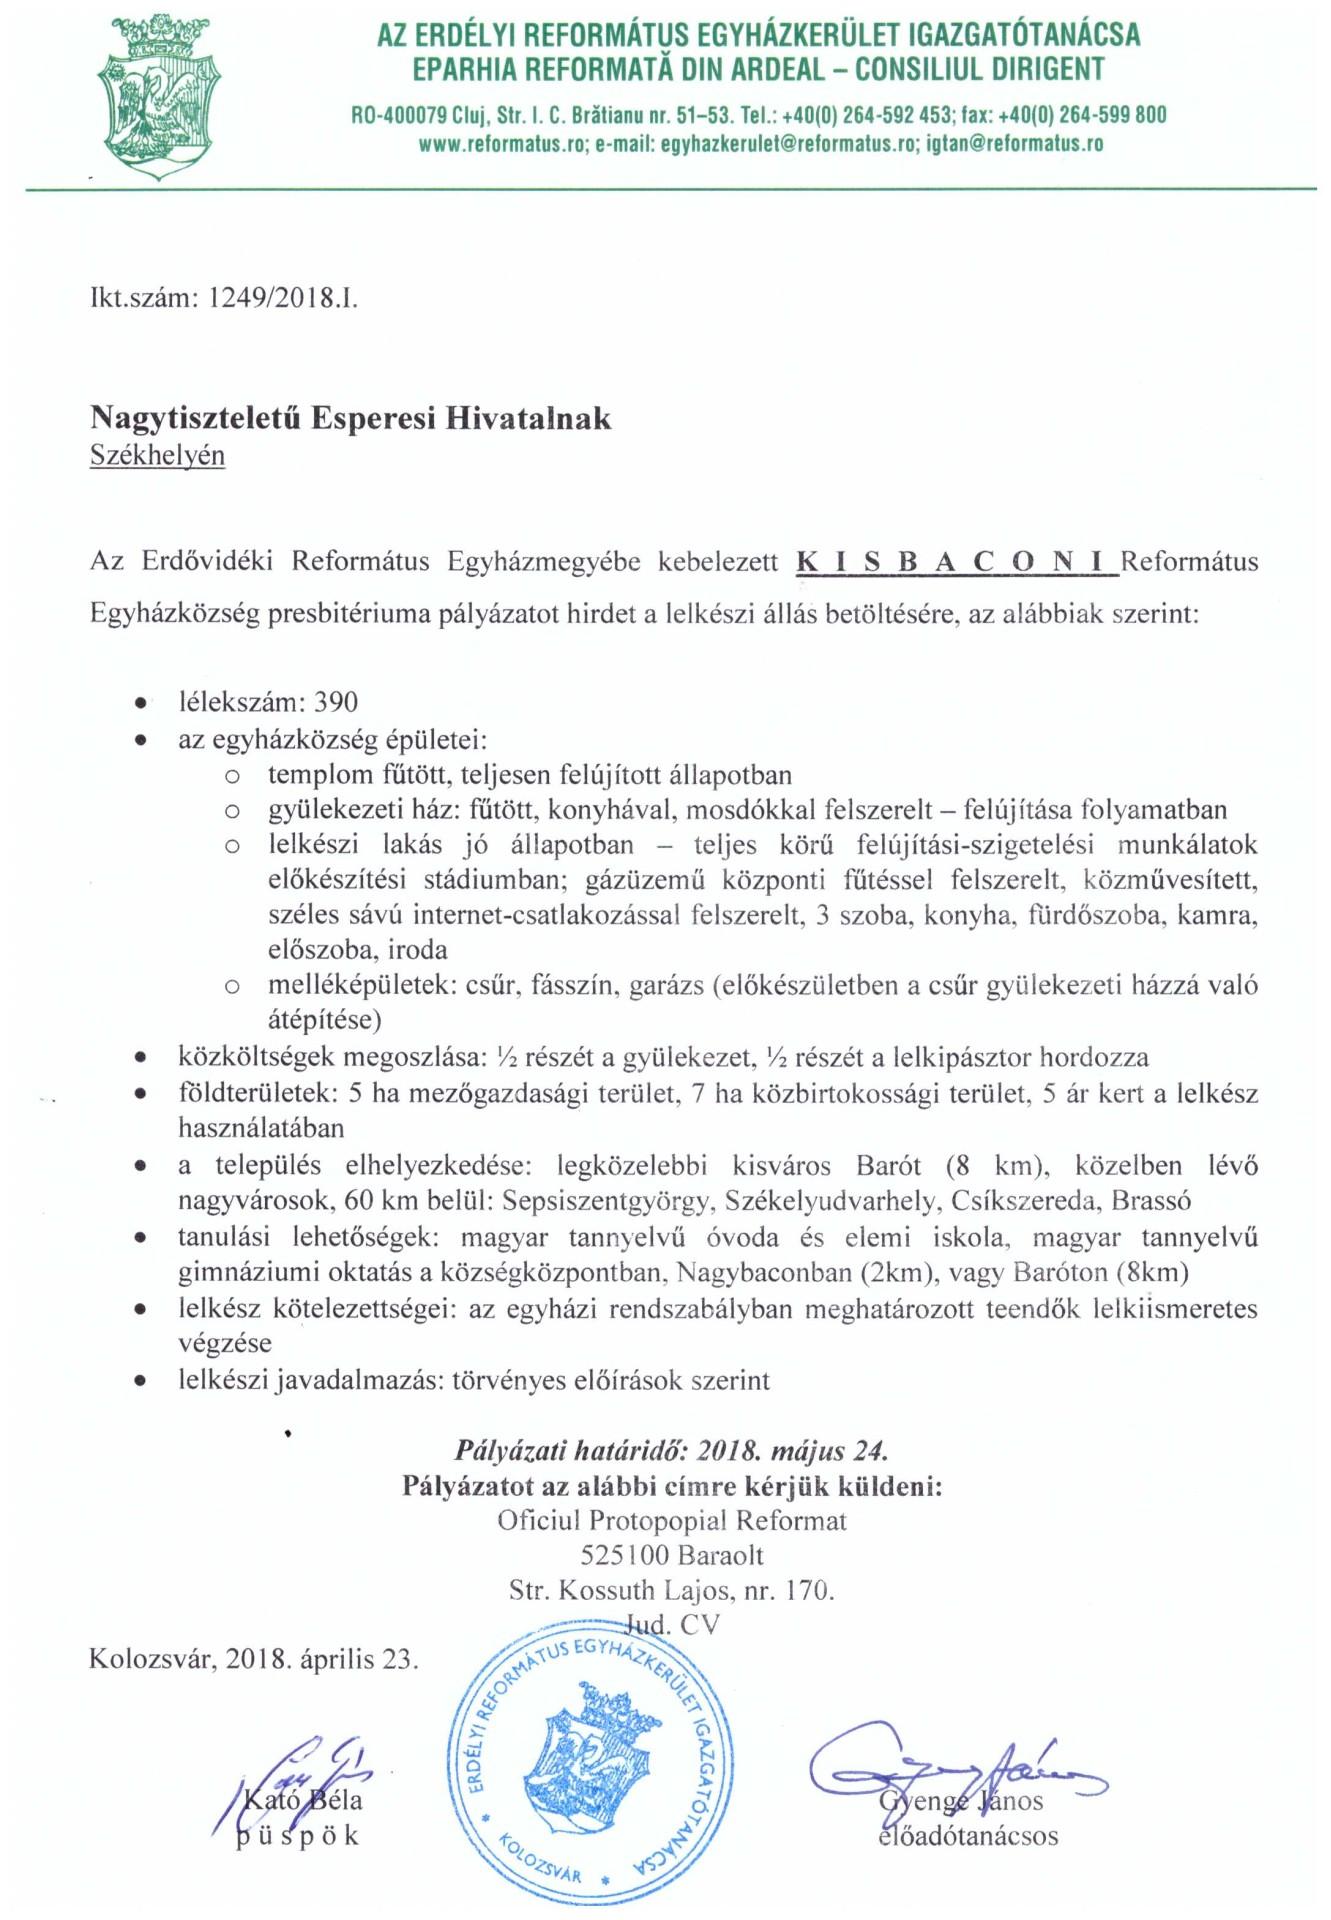 Pályázat - Kisbacon